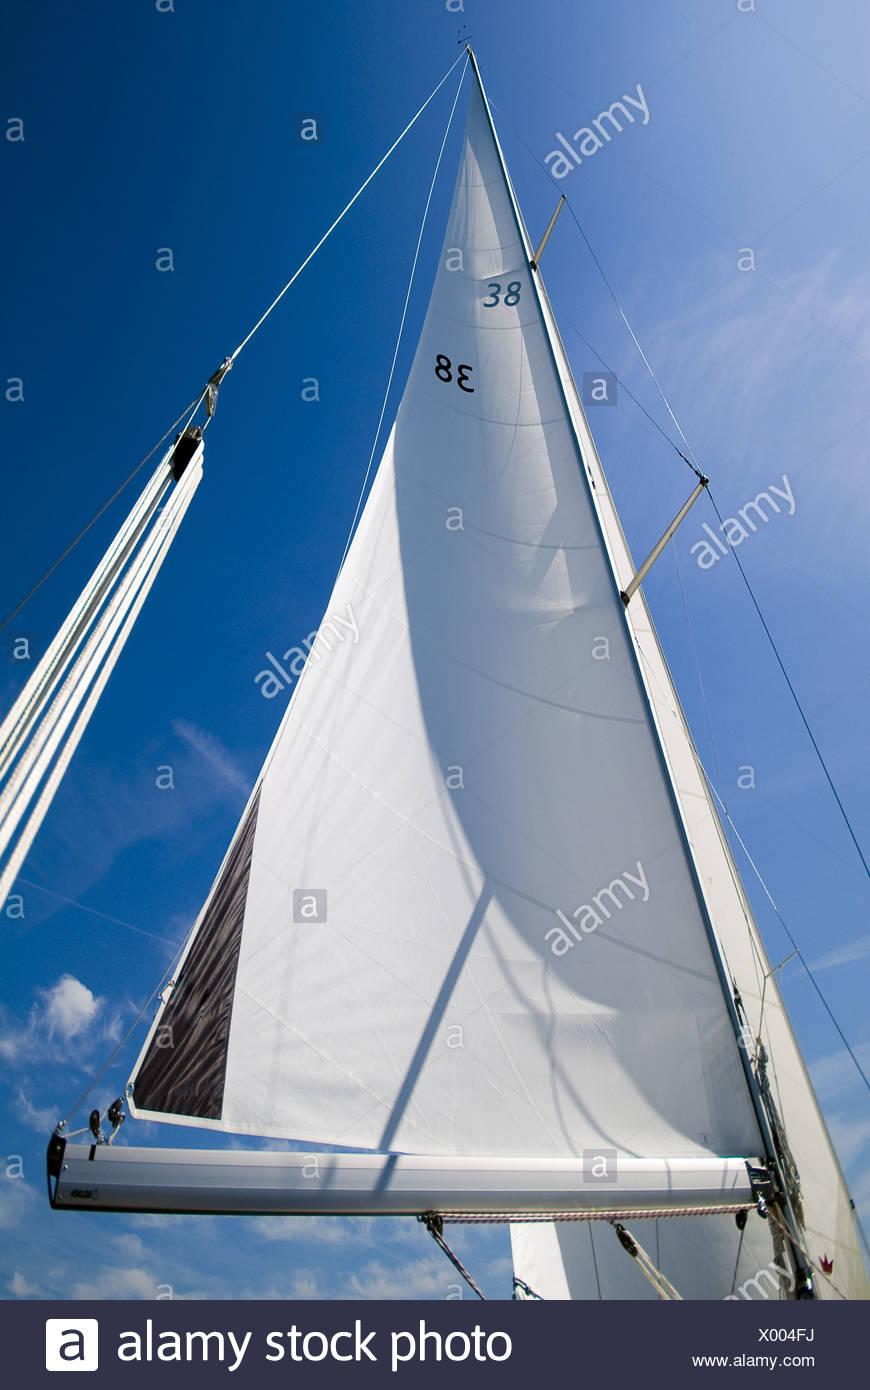 Mainsail of a sailing yacht - Stock Image